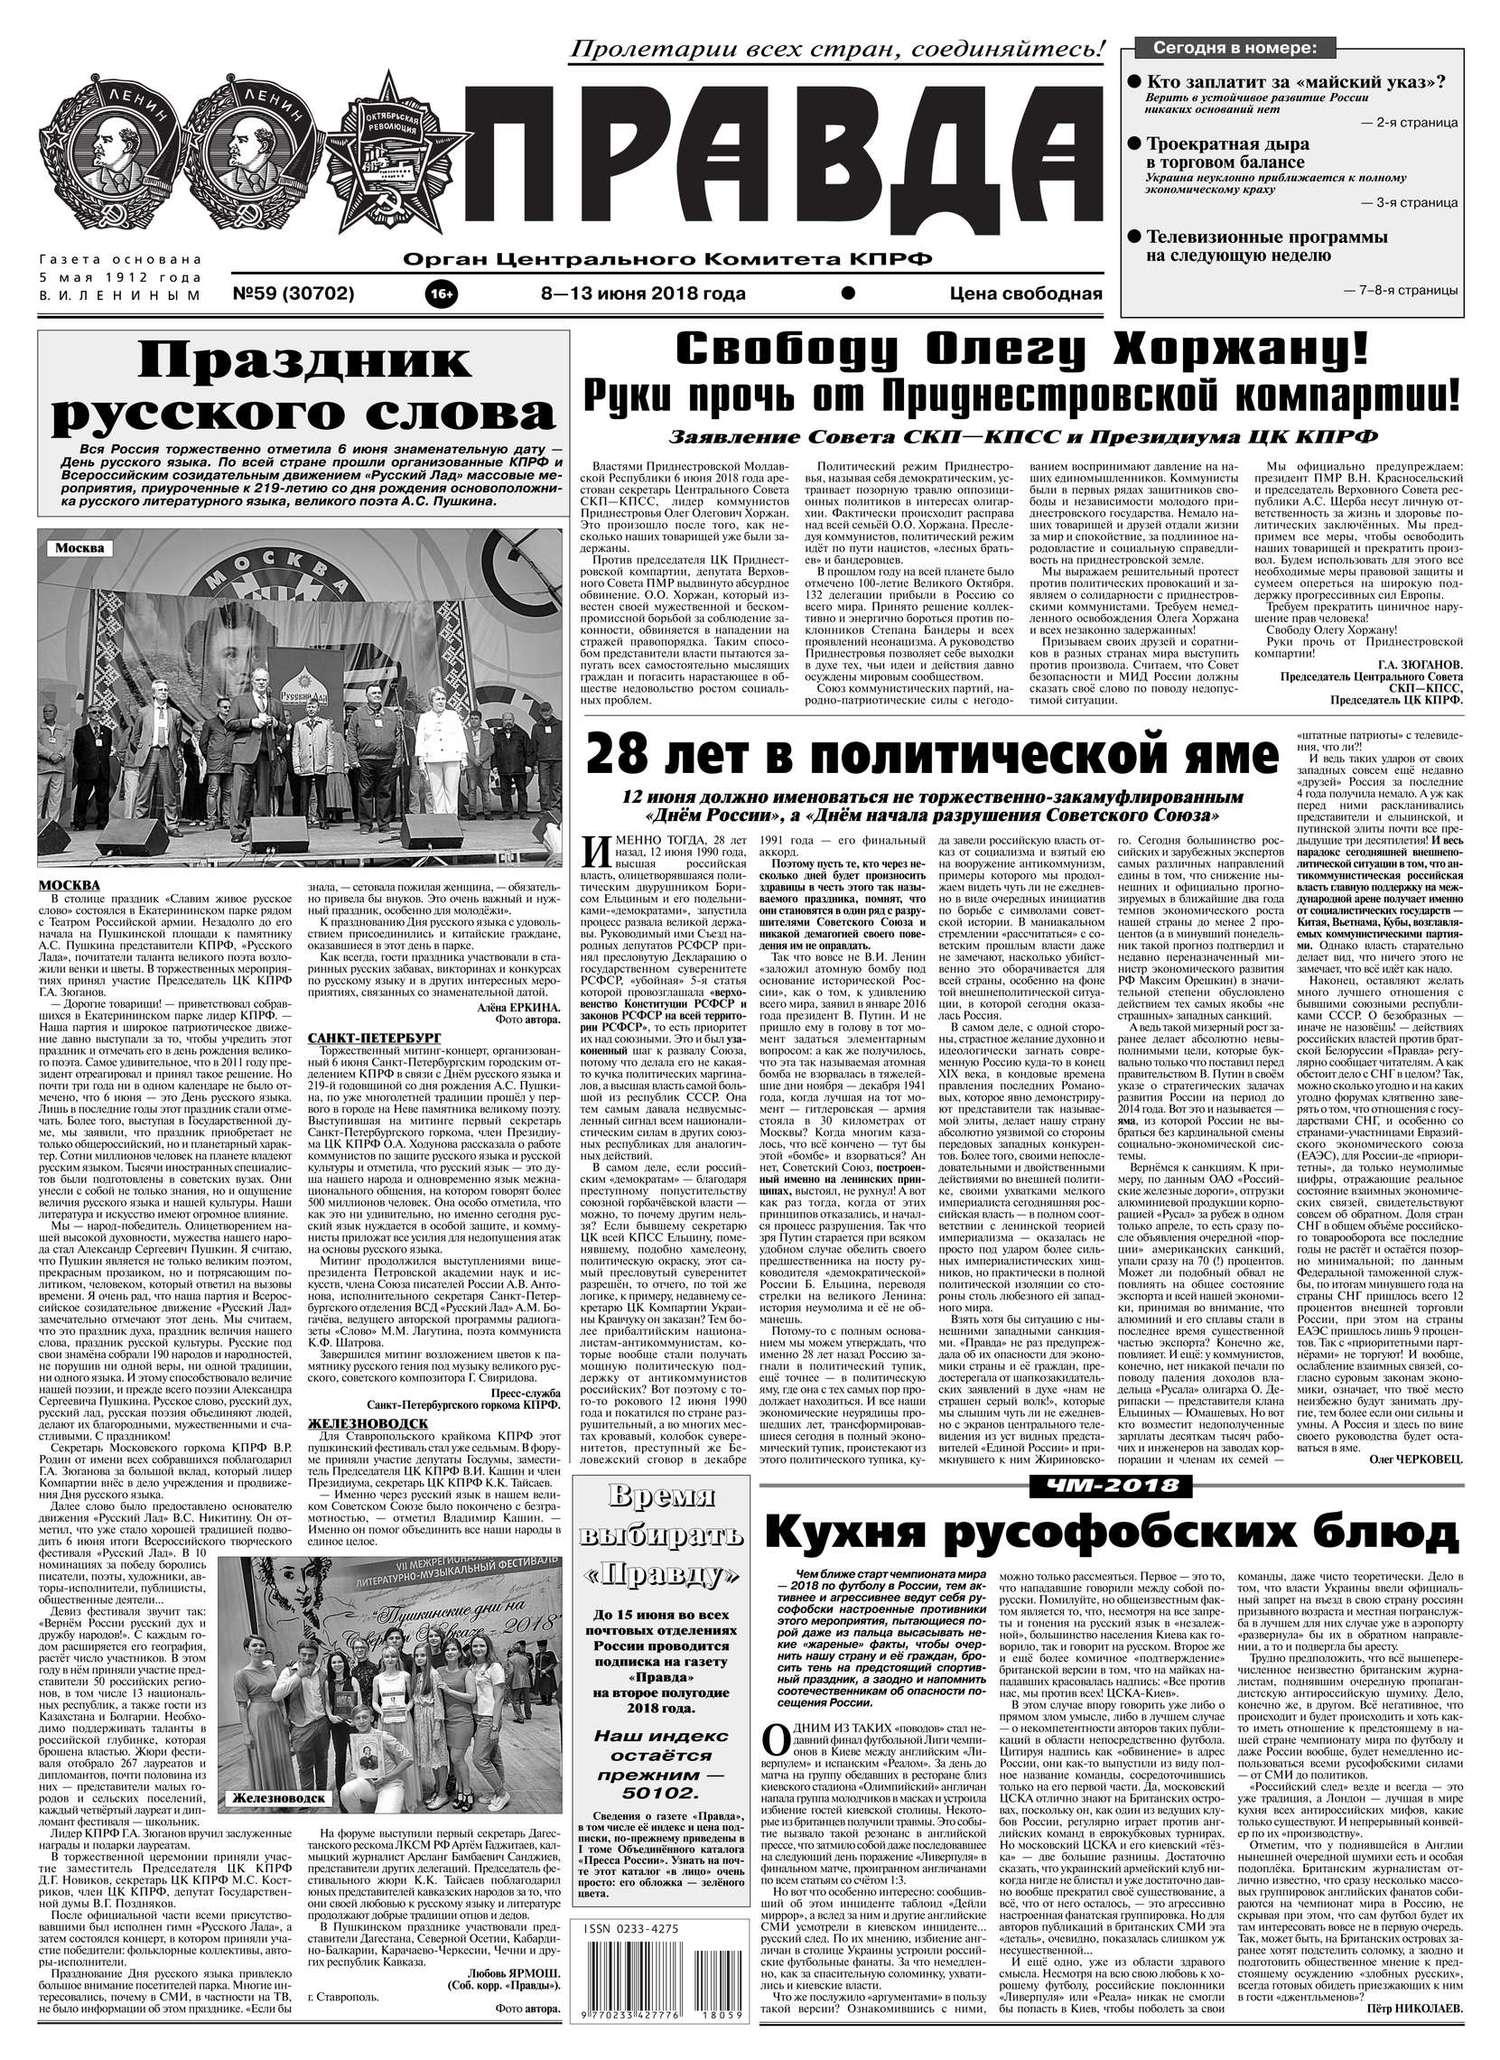 Обложка книги Правда 59-2018, автор Редакция газеты Правда